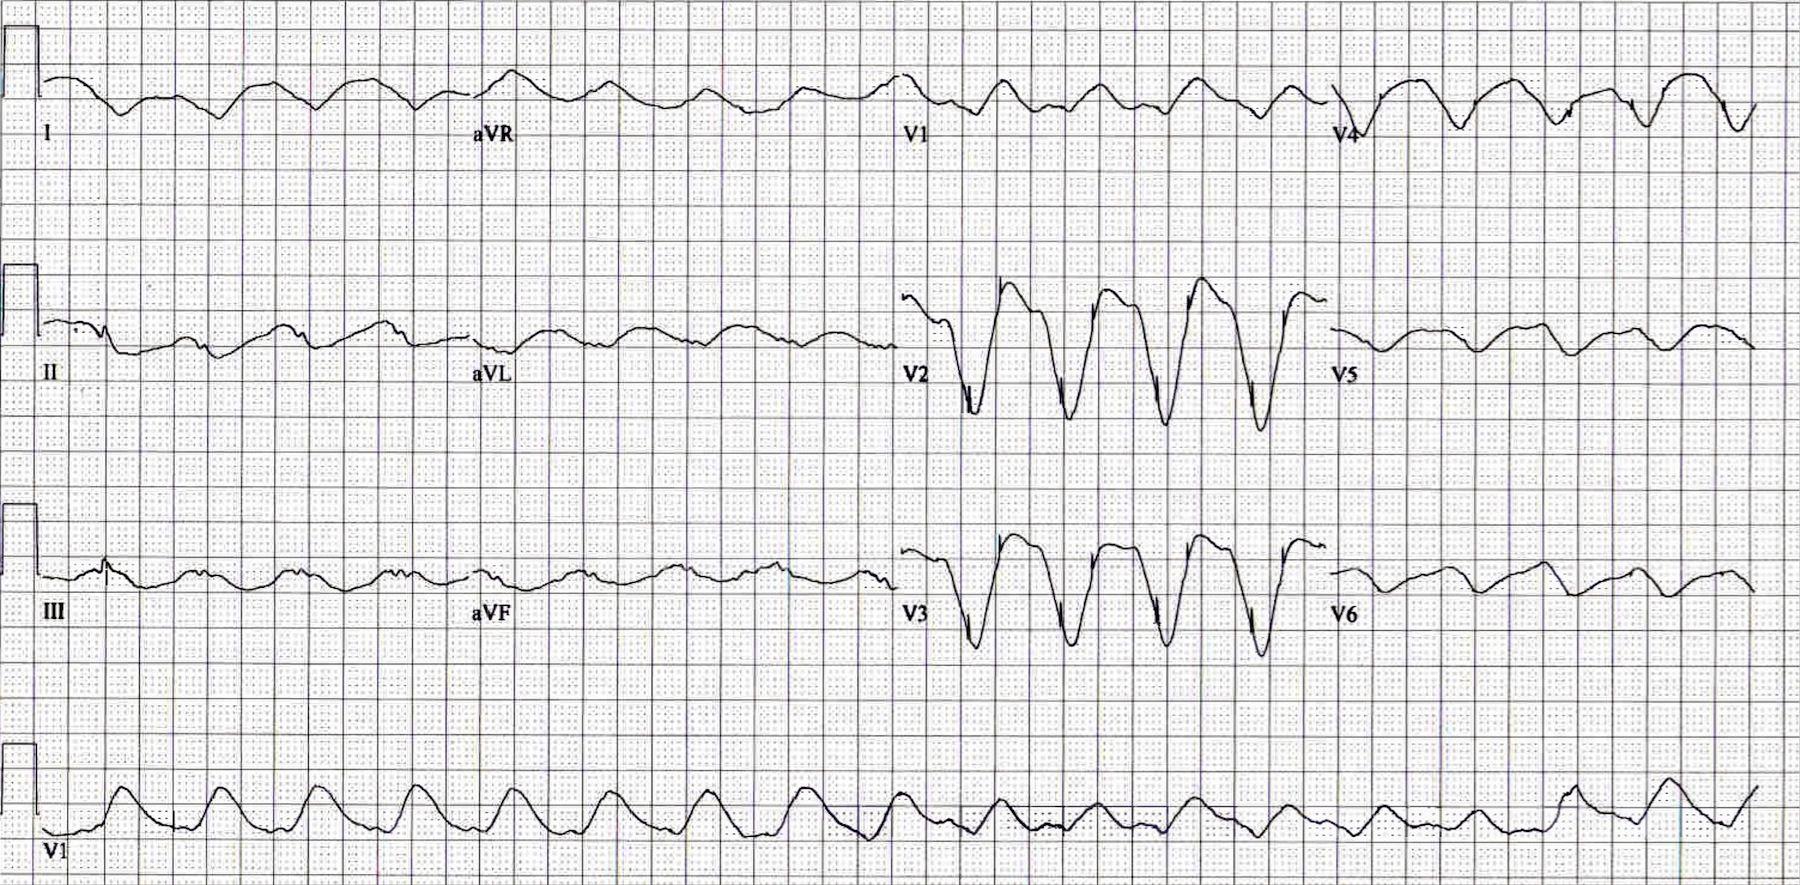 Pin on EKG-EMS